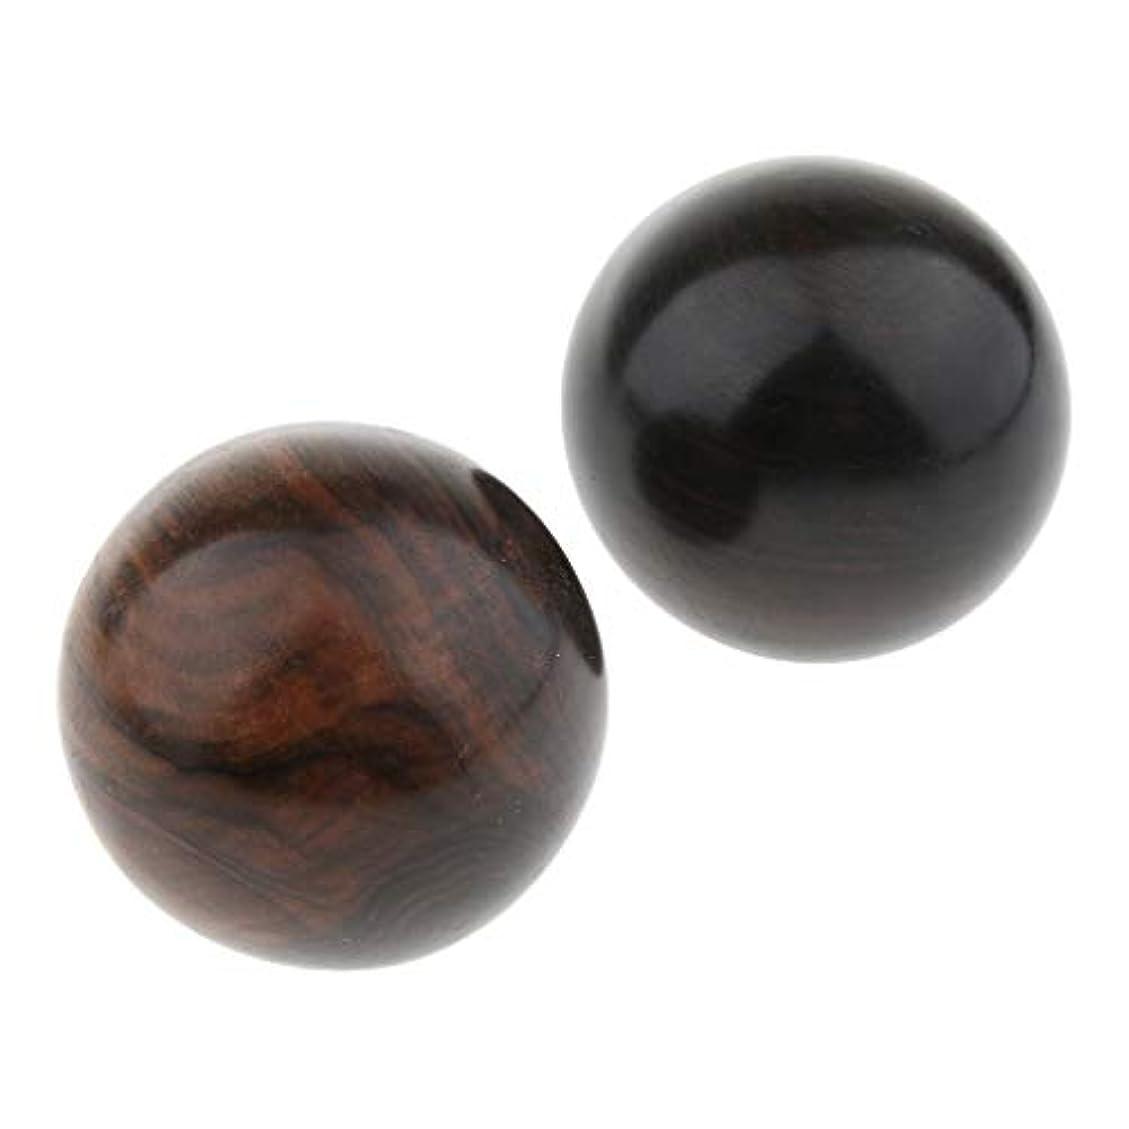 旅行代理店支払い恥ずかしさハンドボール マッサージボール 木製 ストレス解消 運動 トリガーポイント 2個入